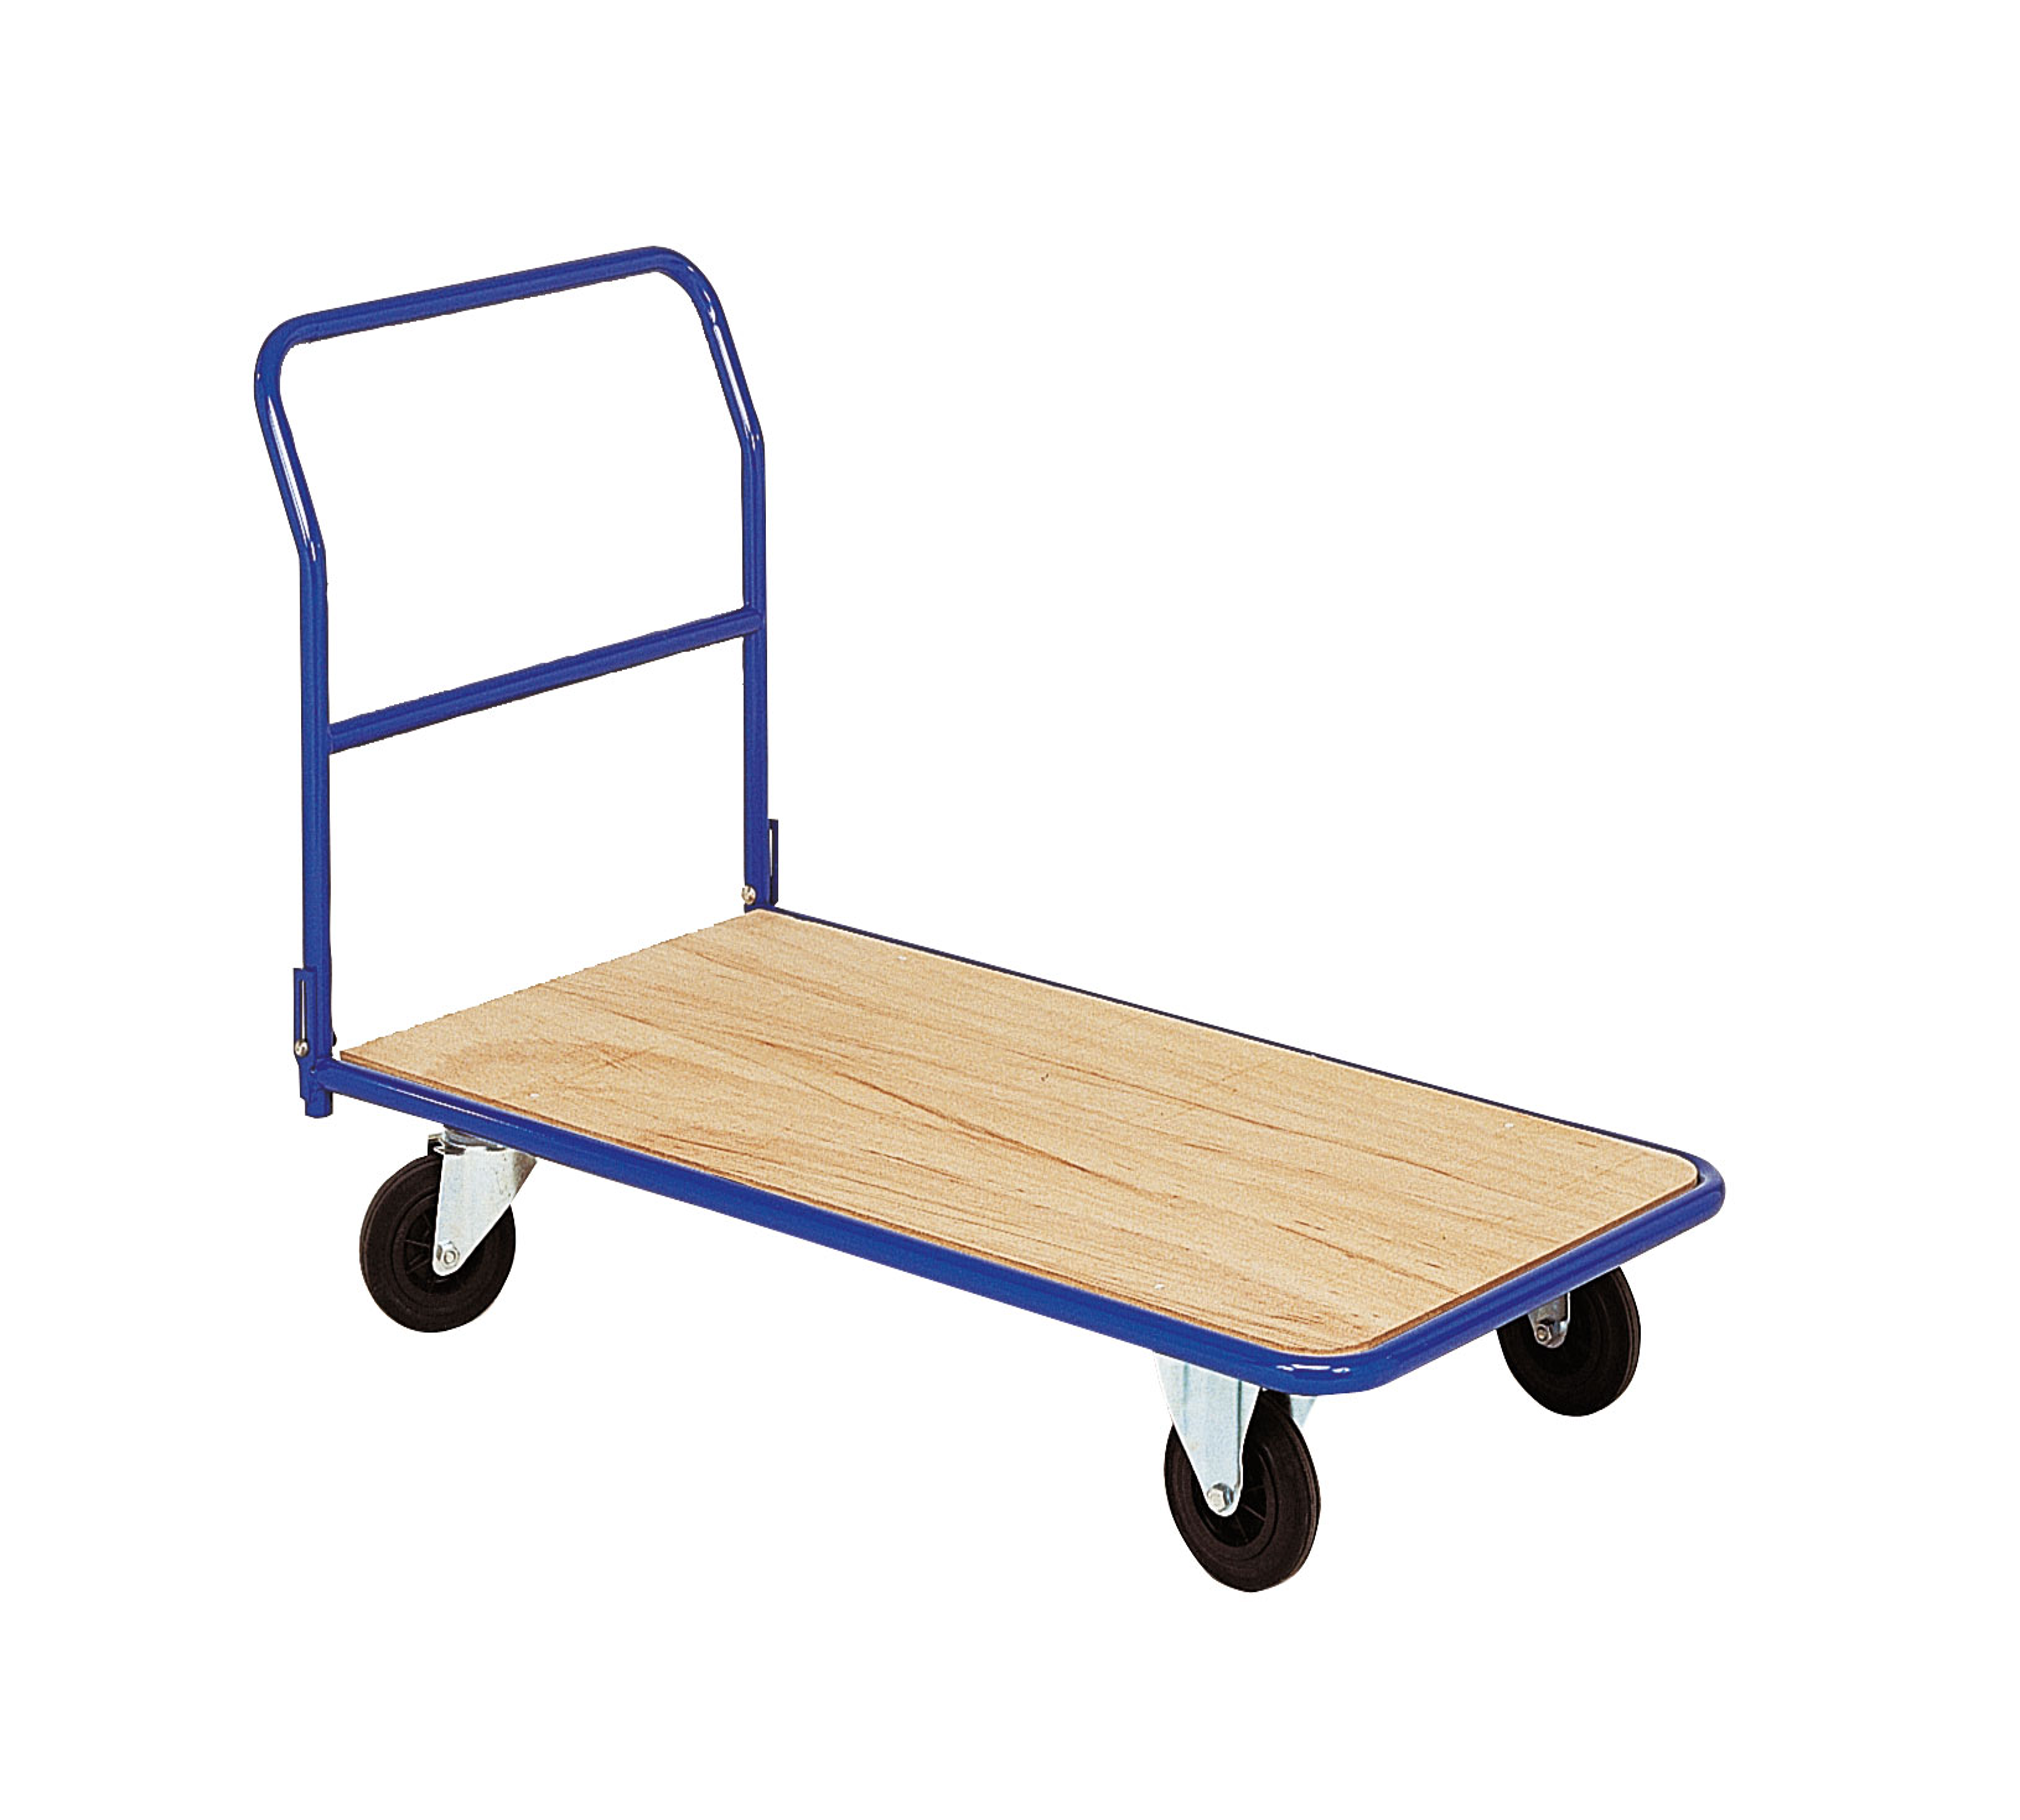 Chariot pliable longueur 2 charge 300 kg